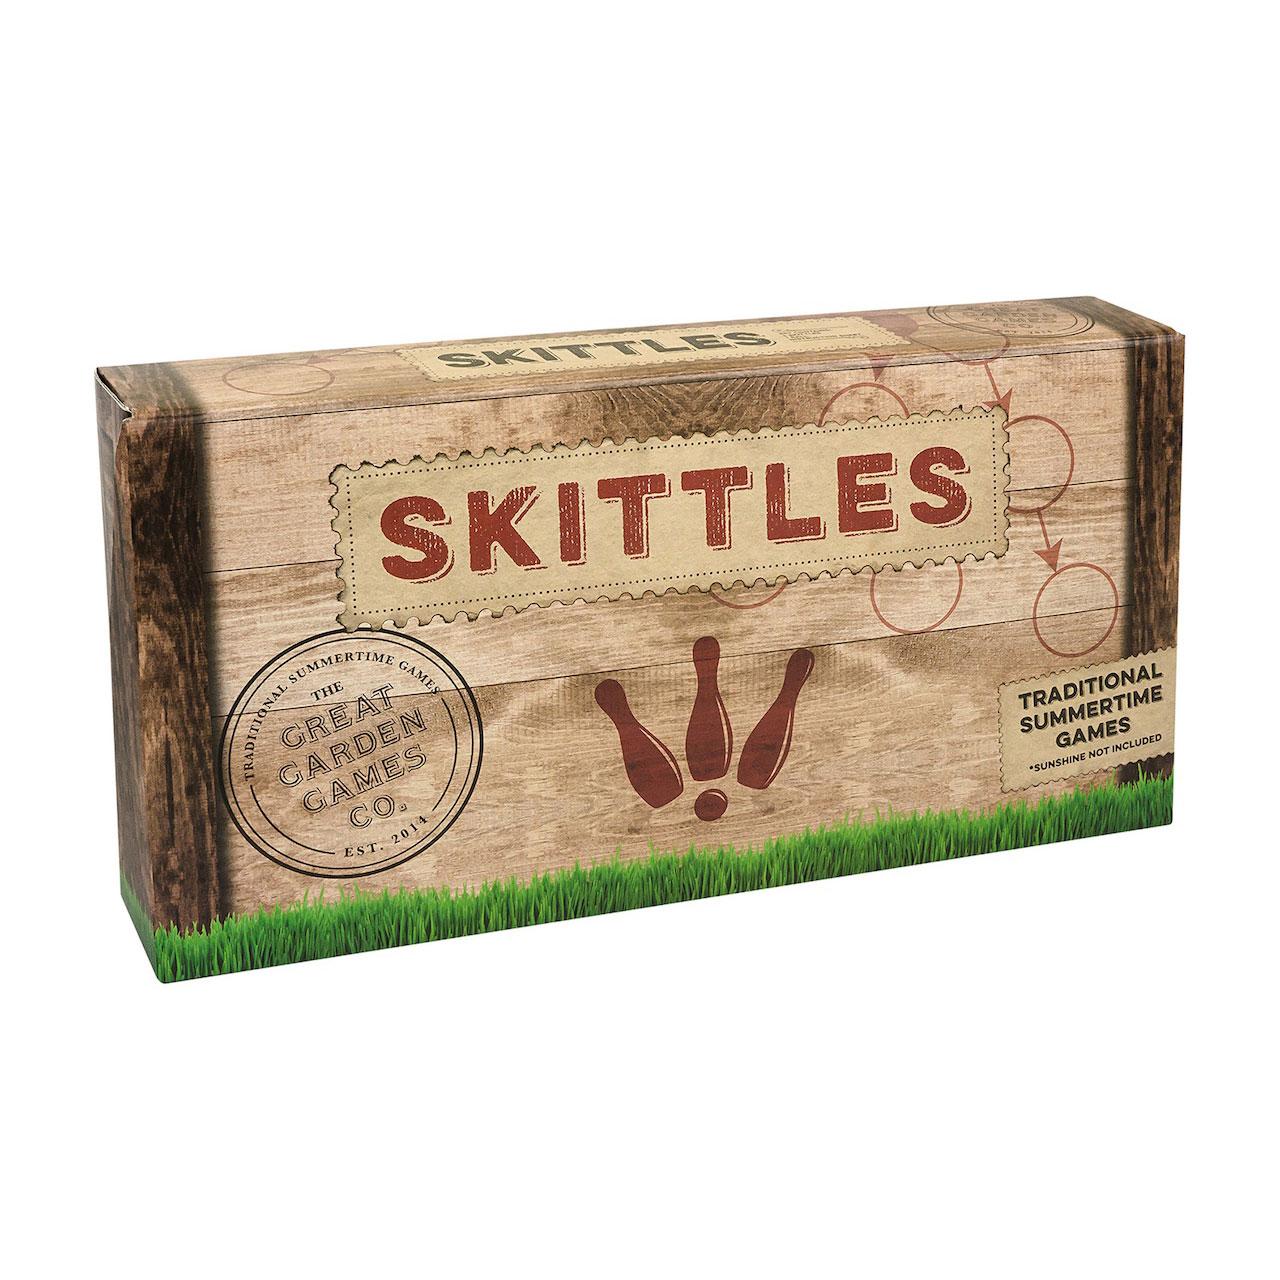 GardenGames_Skittles_box